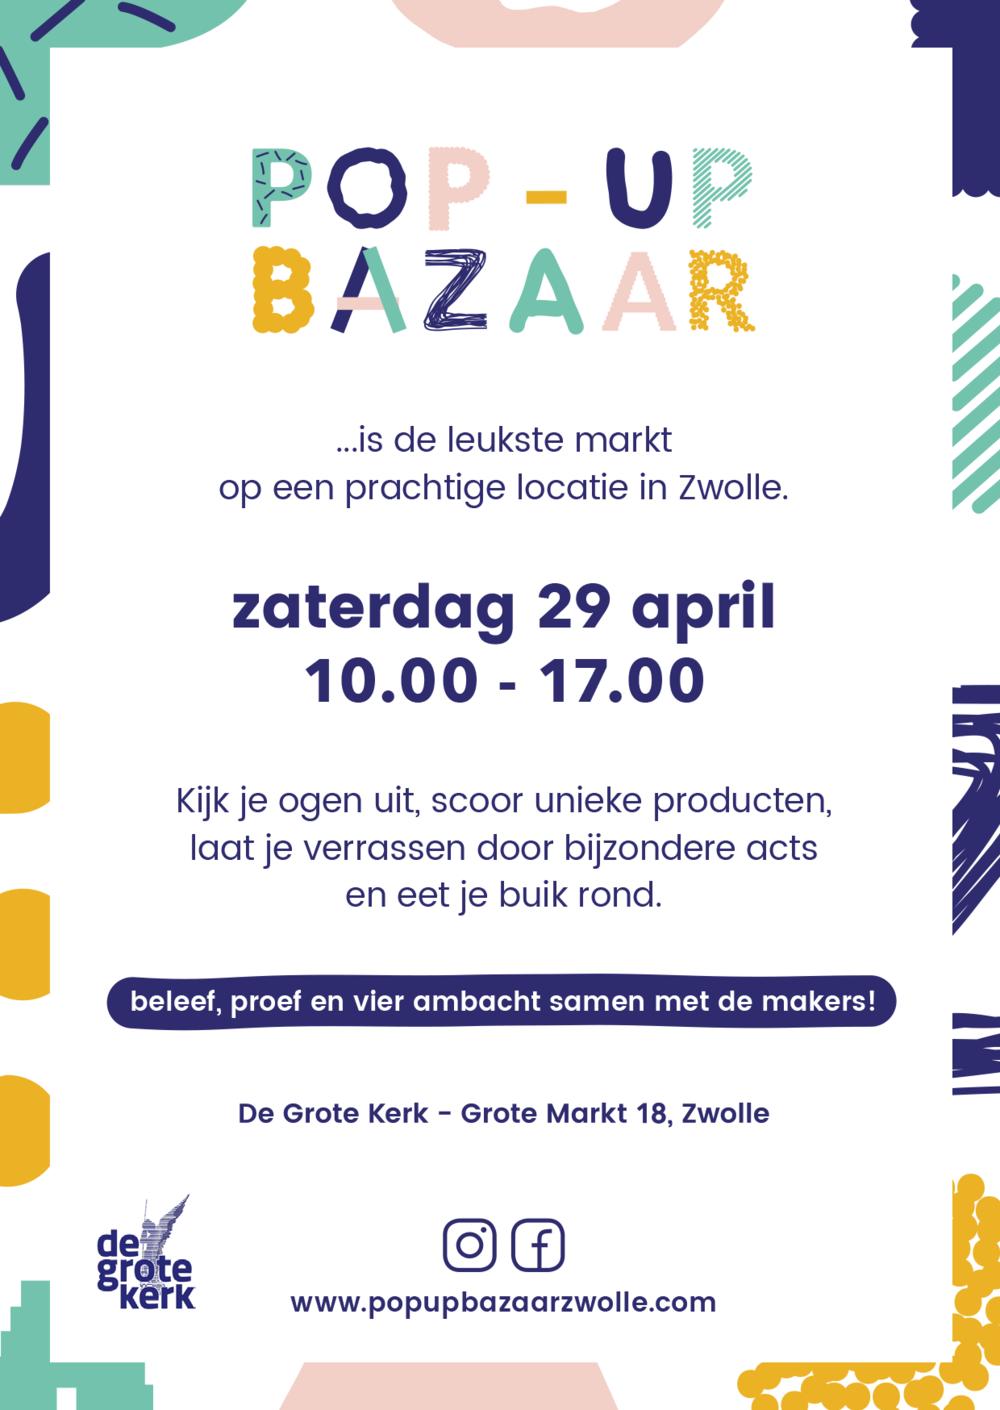 popupbazaar_flyer2-1.png